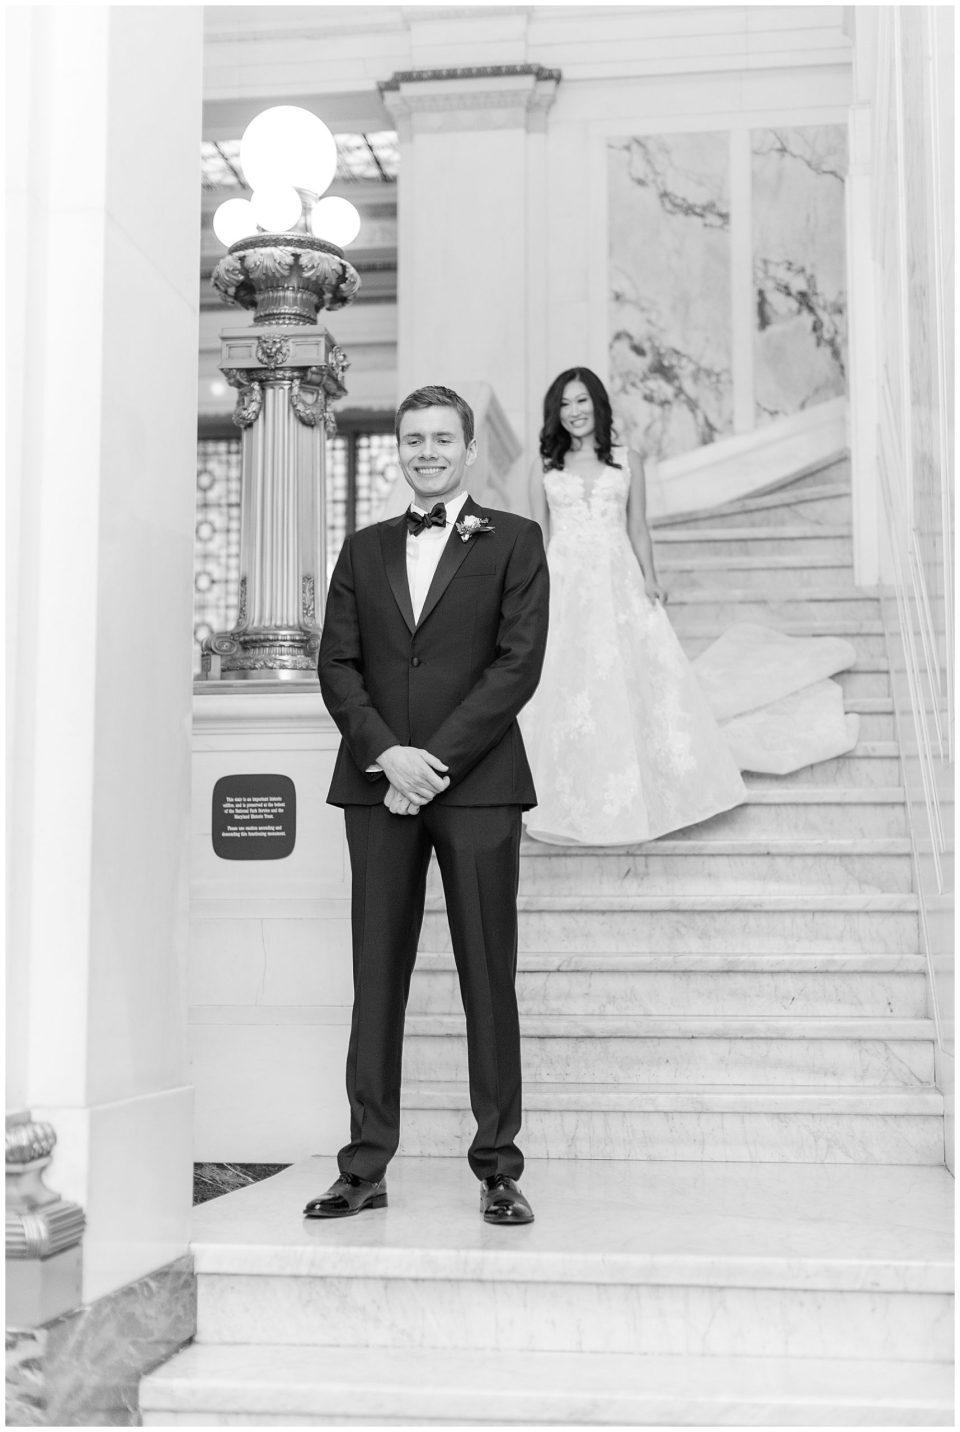 washington-dc-winter-wedding-photos-30_photos.jpg